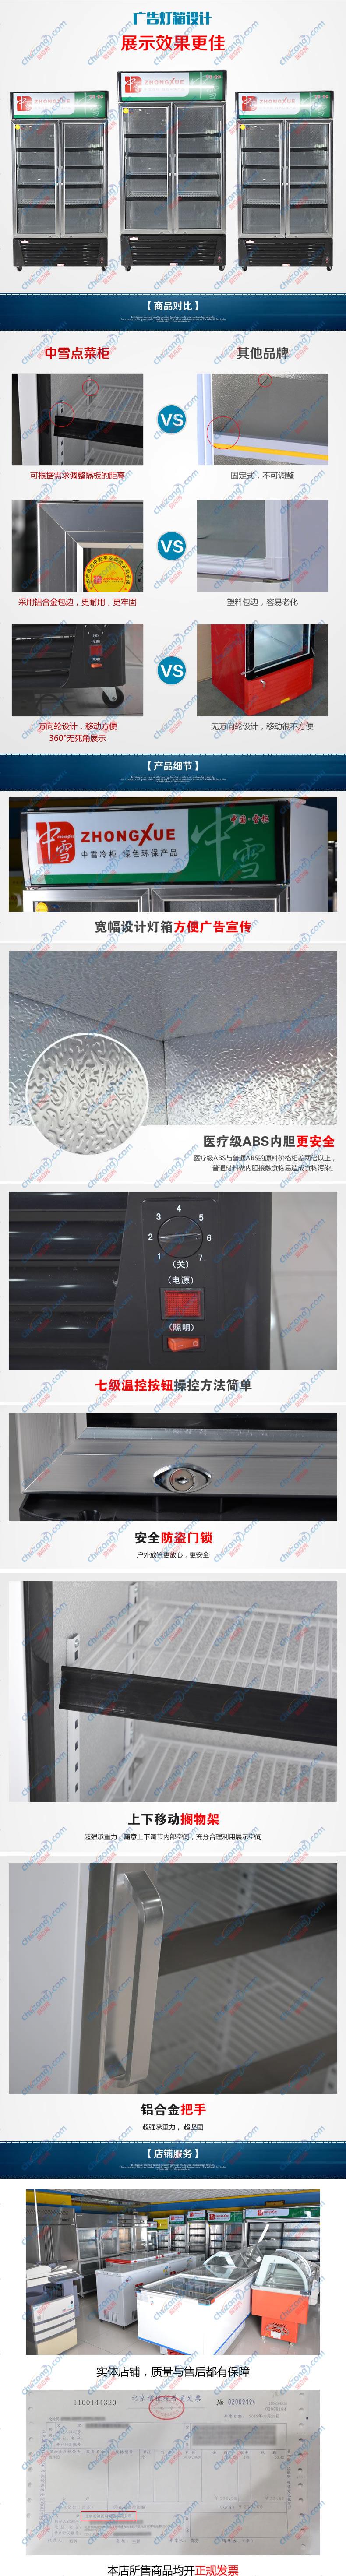 中雪对开门立式冷藏展示柜